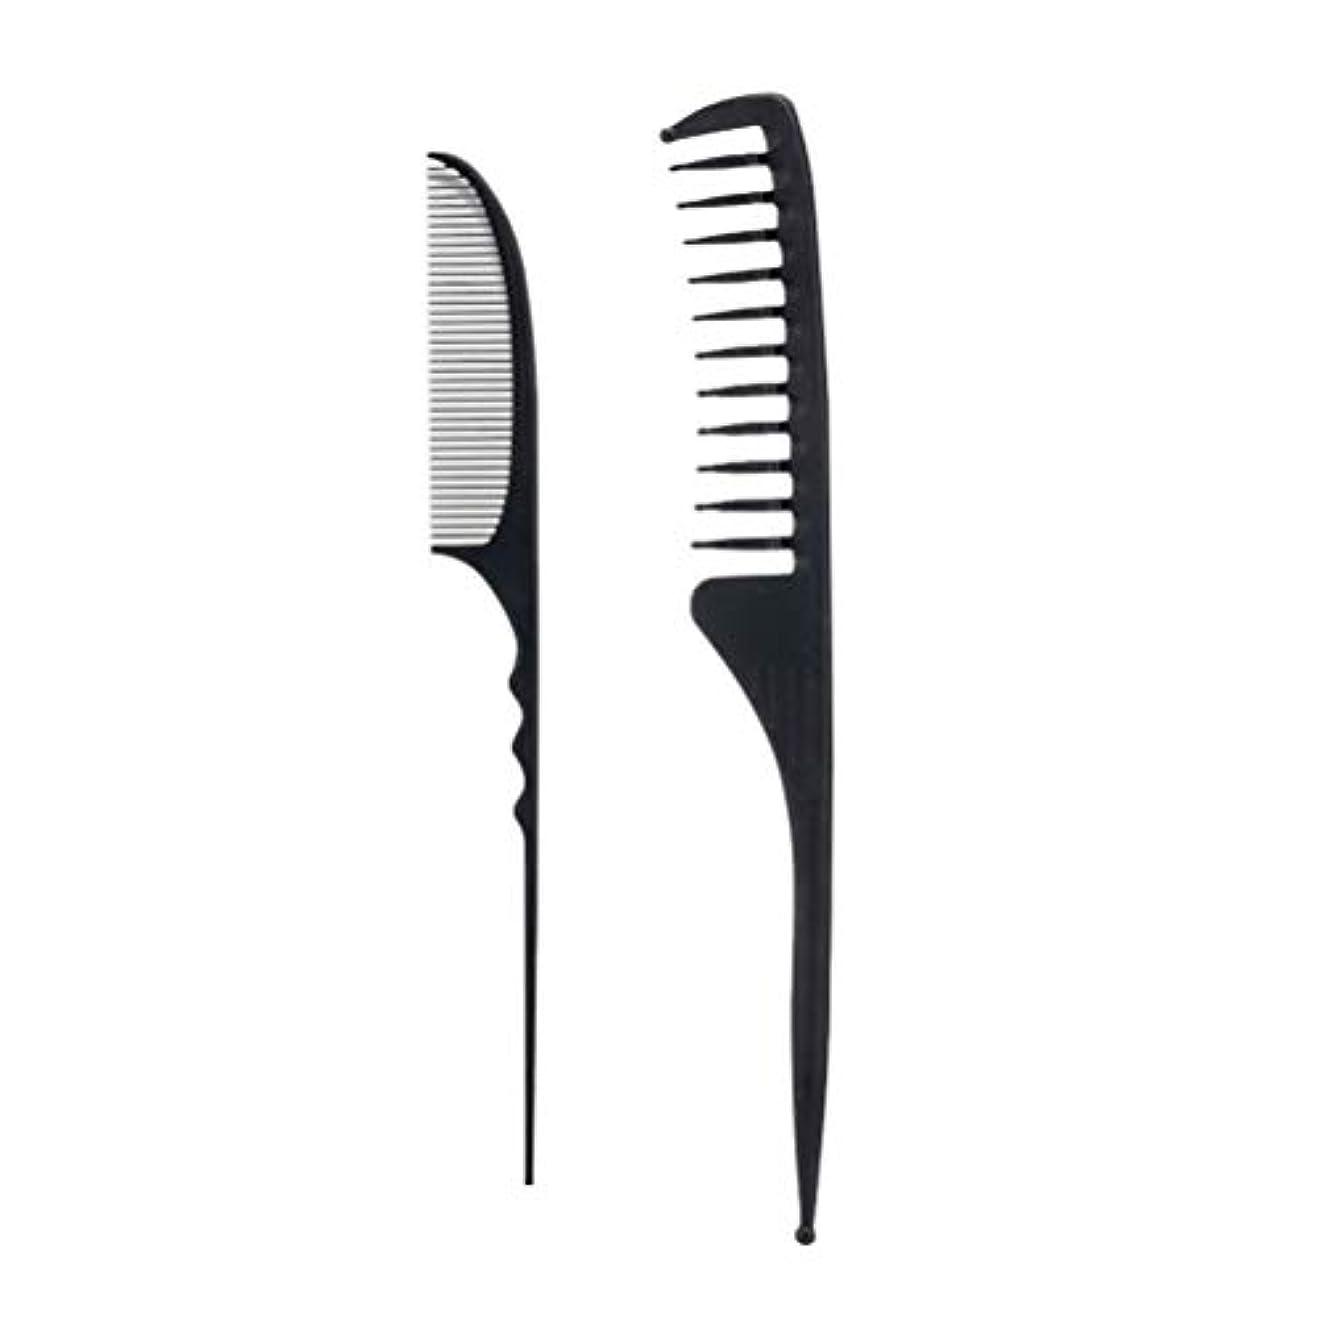 描く大腿ルーLurrose 2ピースサロンコームヘアー理髪櫛かみそりコーム理髪櫛スタイリングヘアコーム付きファインテールラフィングテール